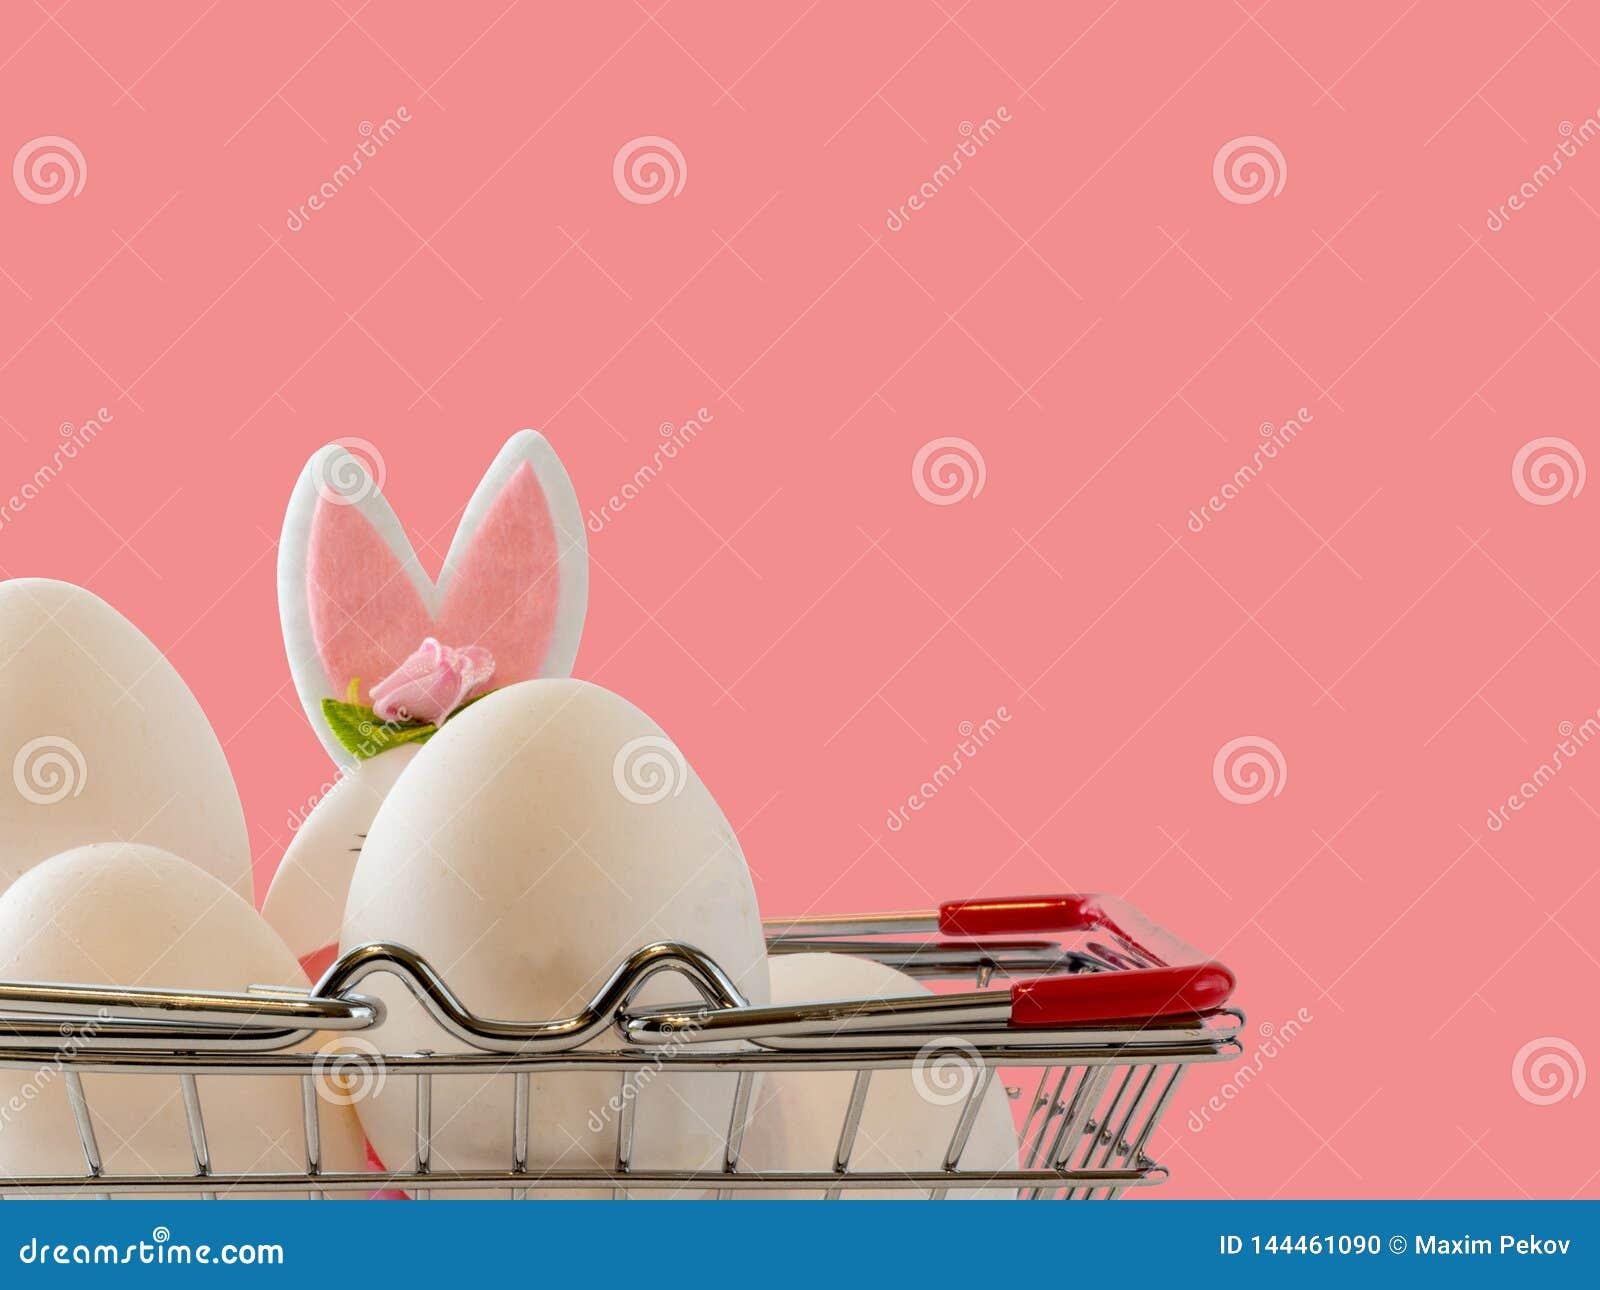 Ostern-Szene mit farbigen Eiern, Osterhase, rosa Hintergrund